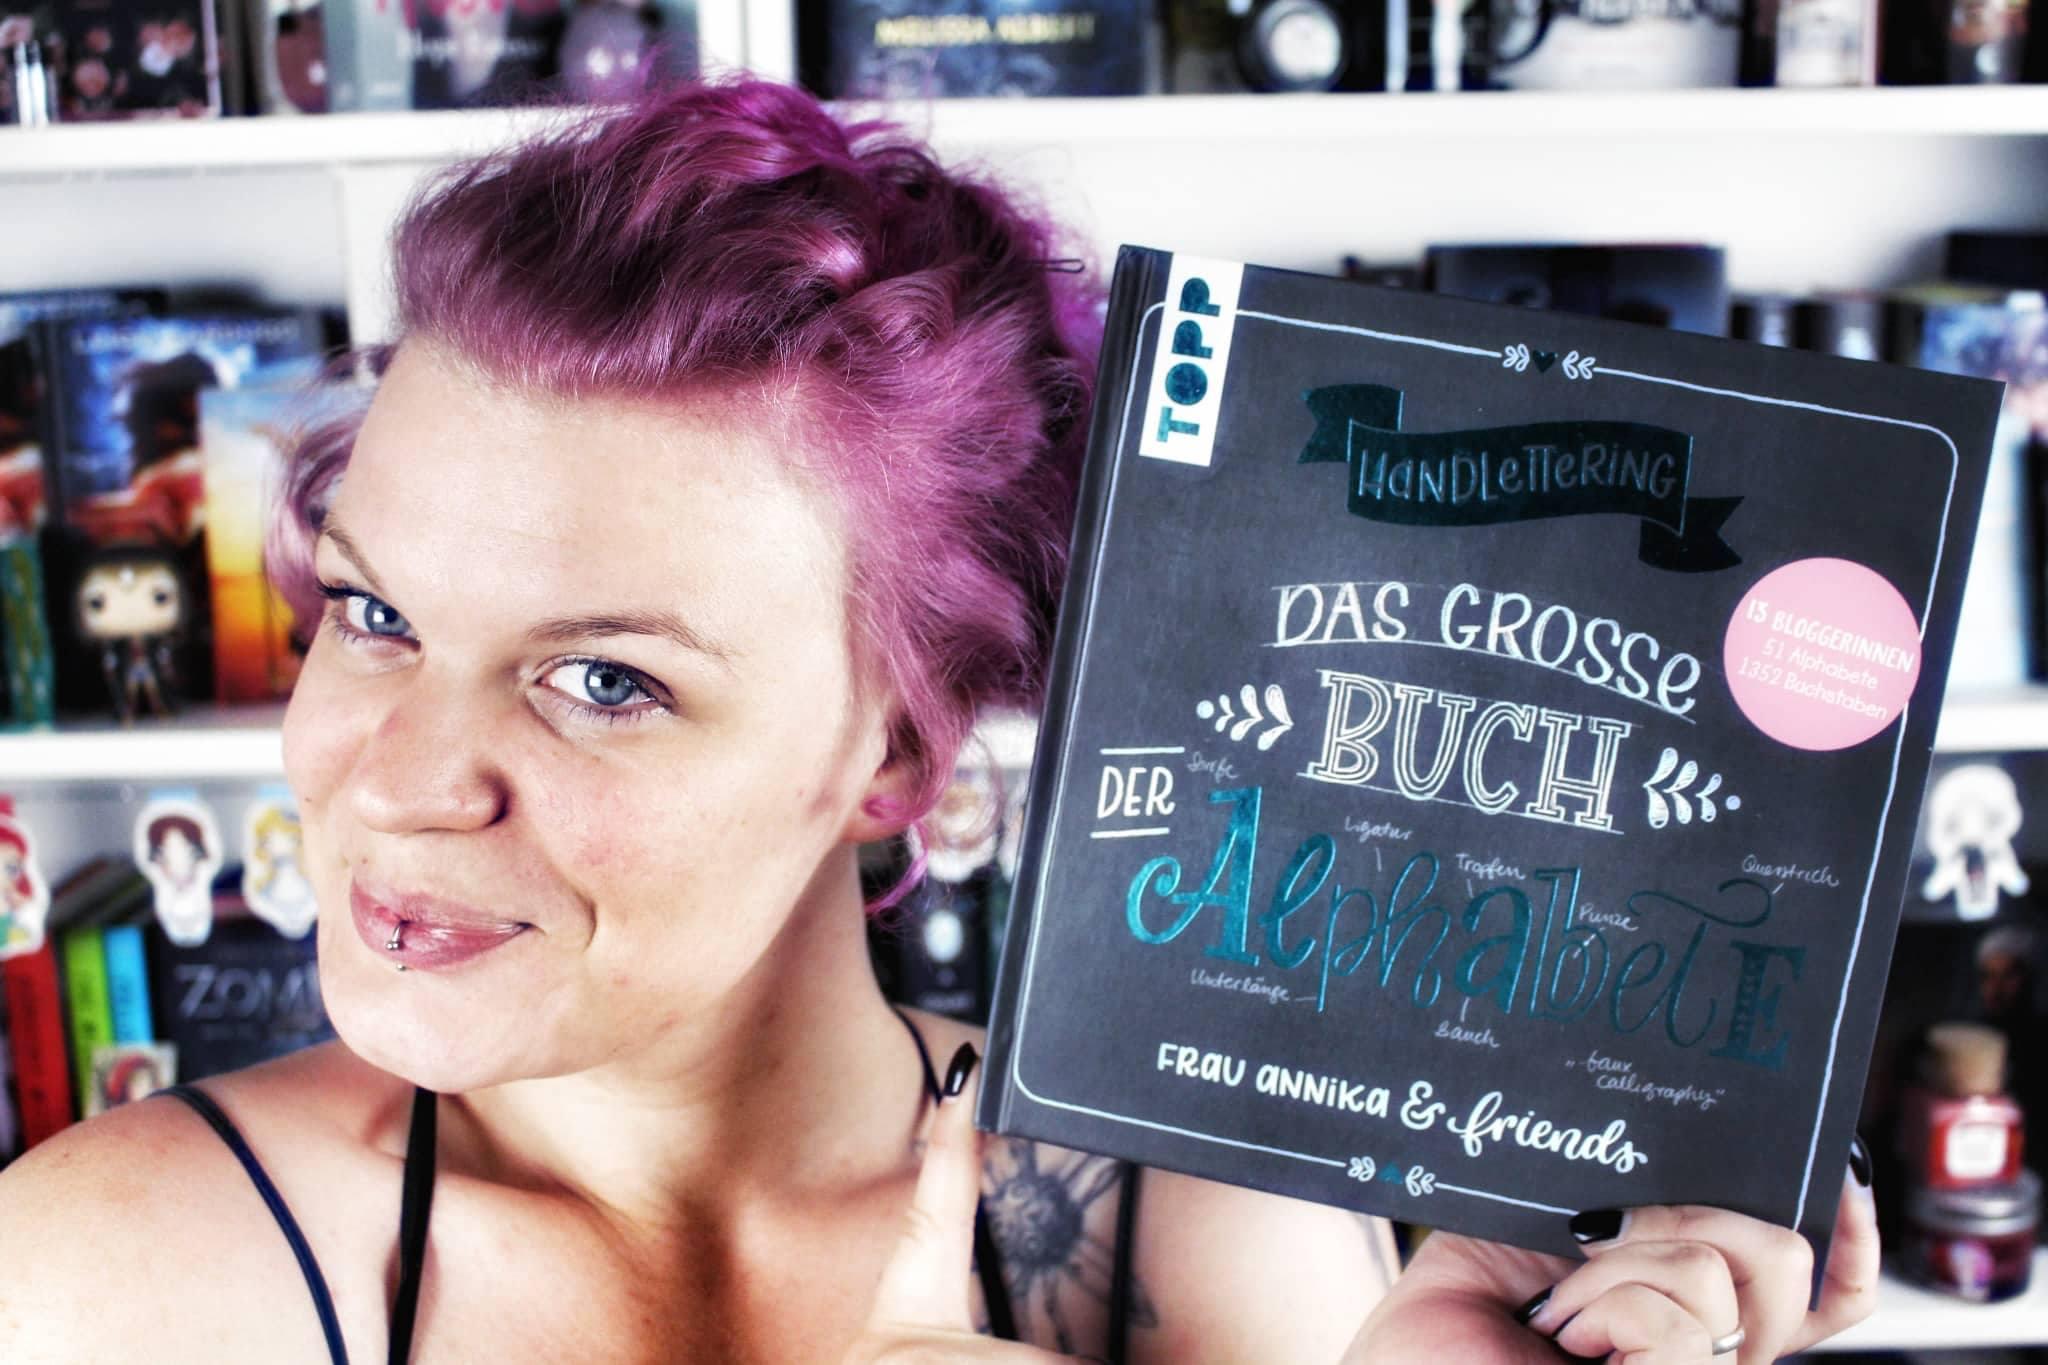 [DIY] Handlettering – Das große Buch der Alphabete / Frau Annika & friends